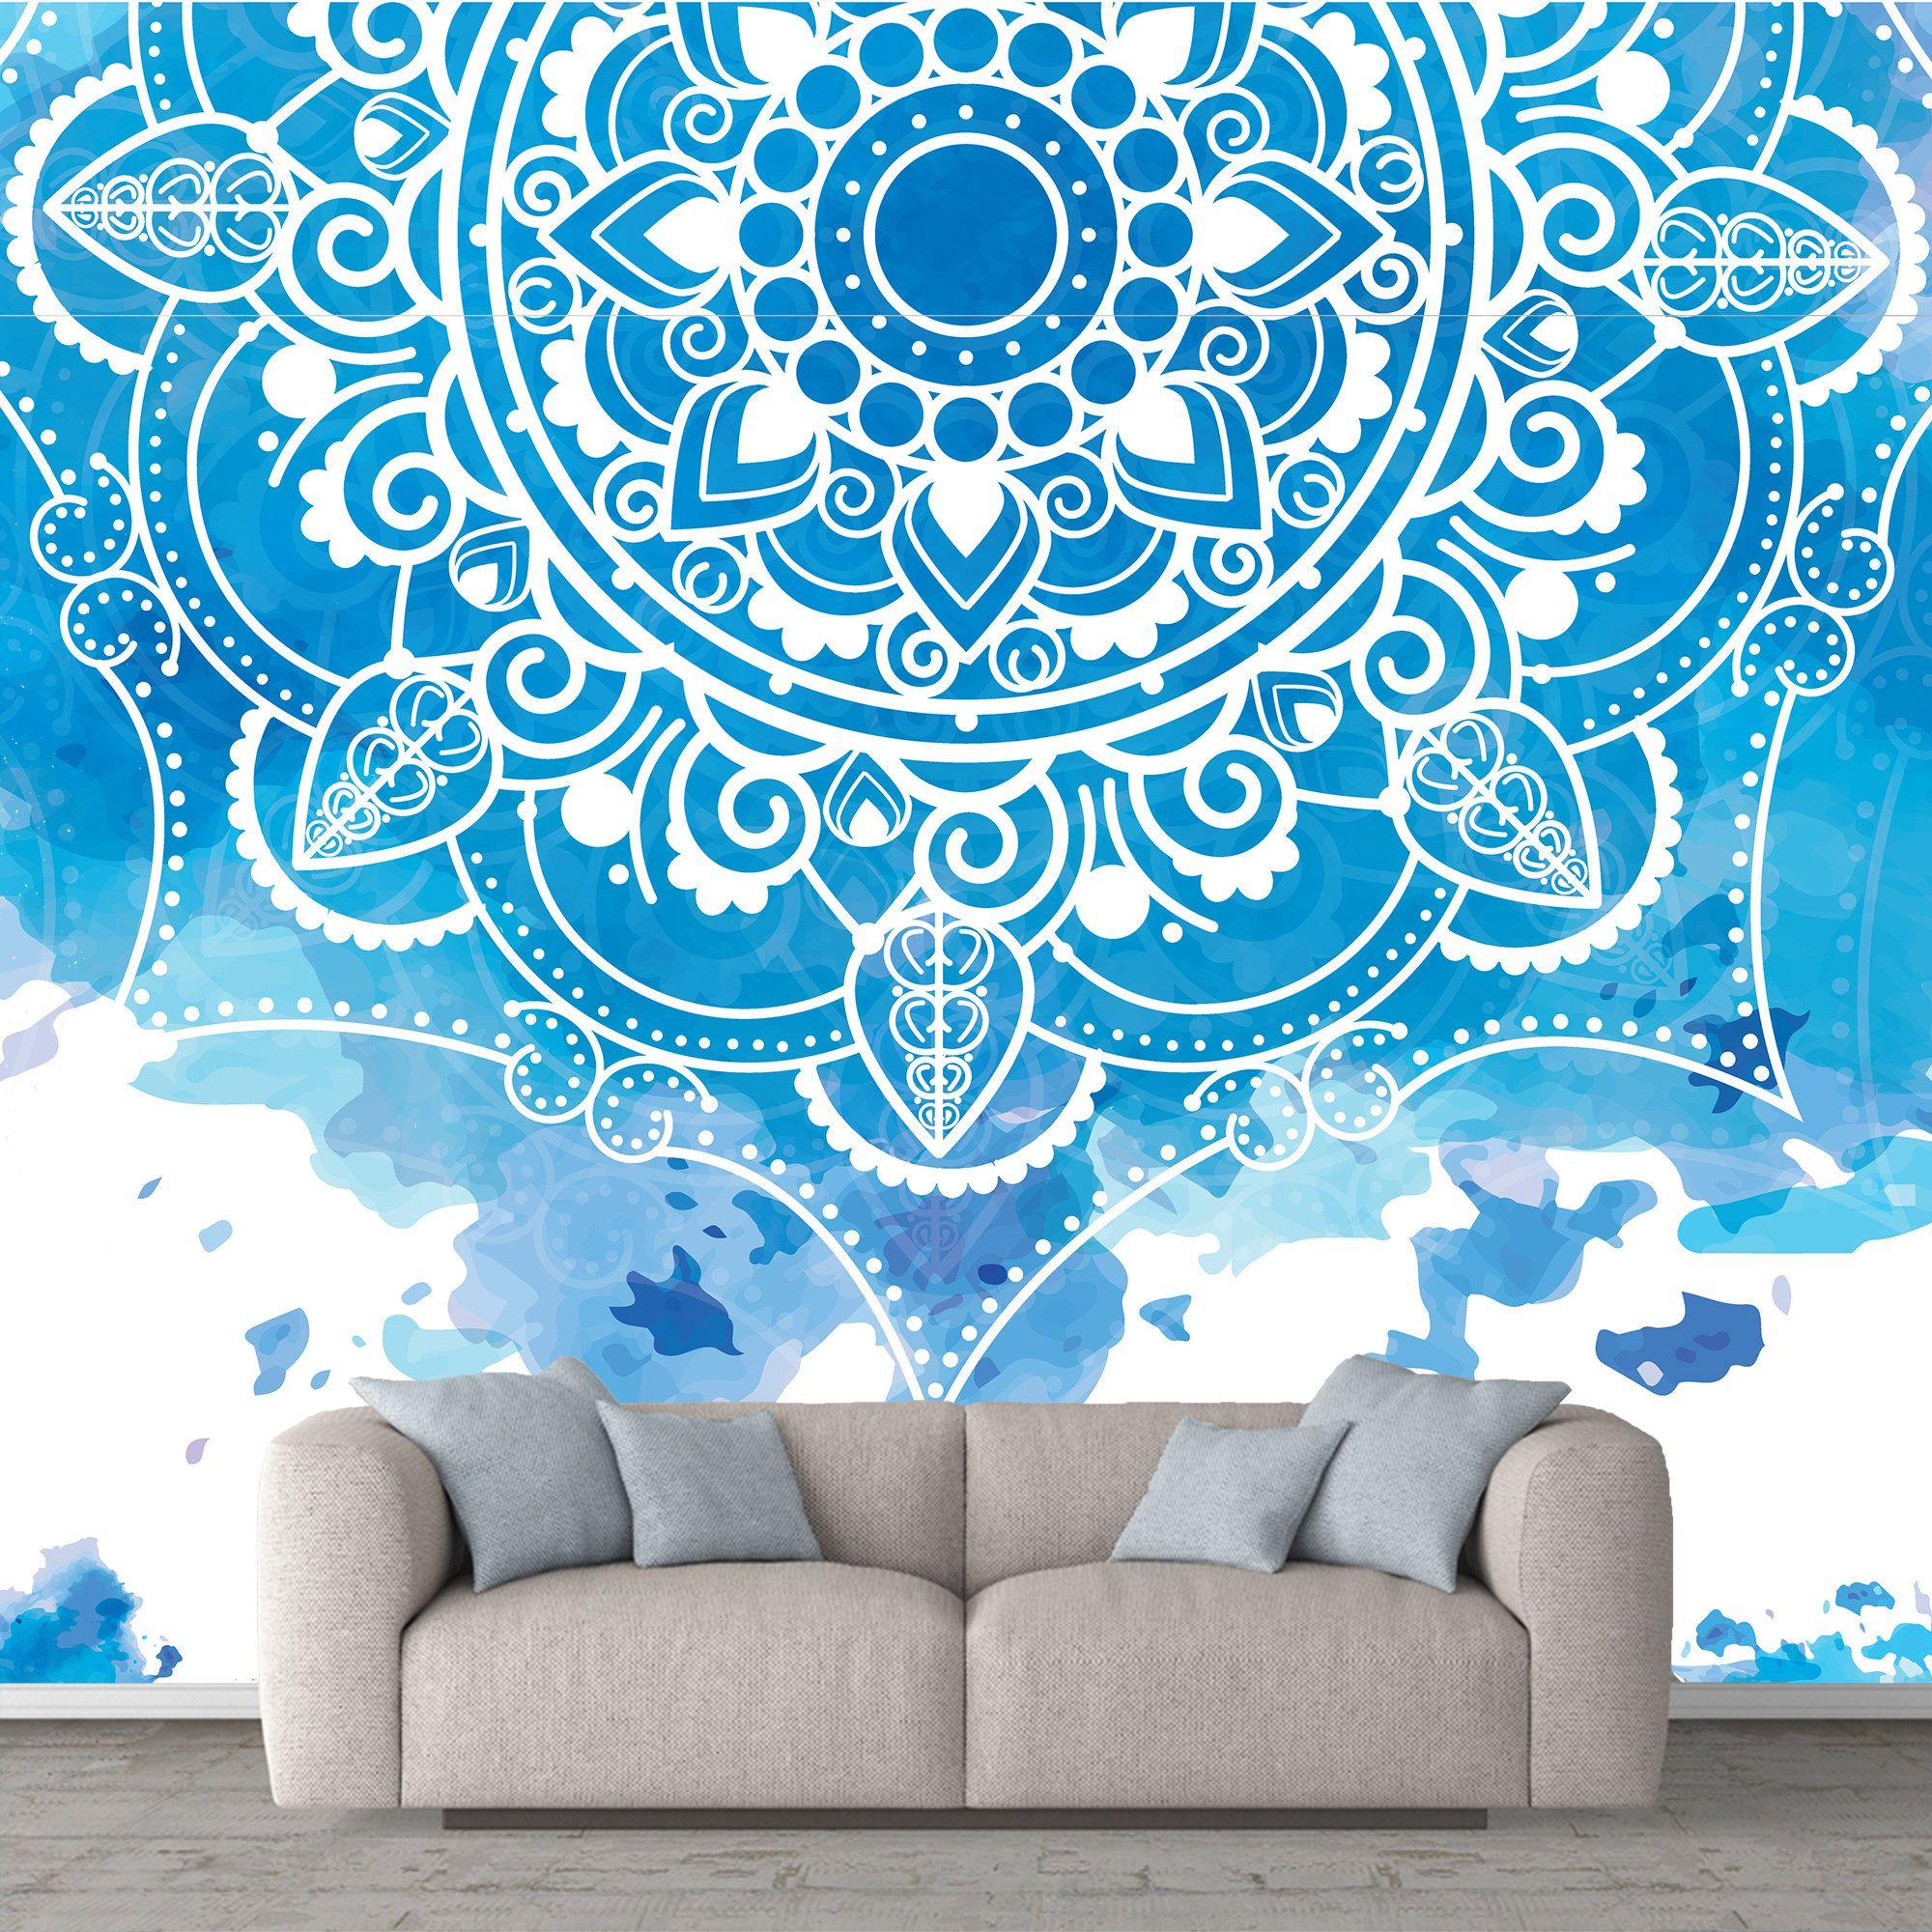 Mandala Removable Wallpaper Personalize Print Watercolour Etsy Mandala Wallpaper Wallpaper Removable Wallpaper